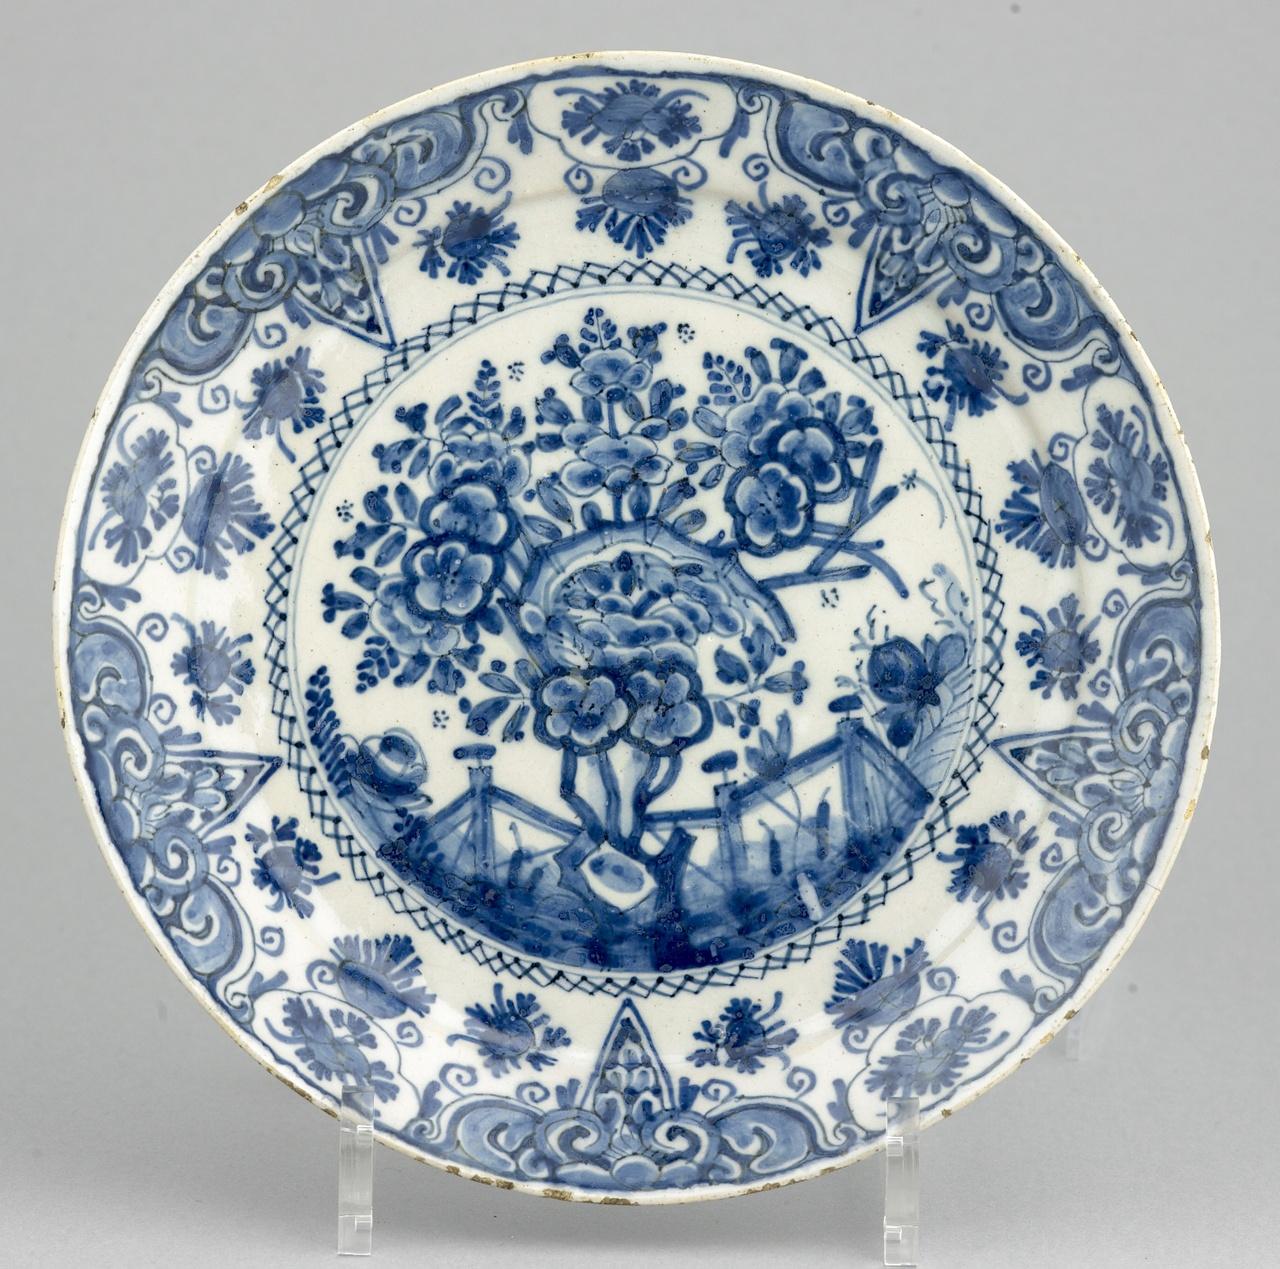 Bord met theeboom in onderglazuur blauw, De Witte Ster